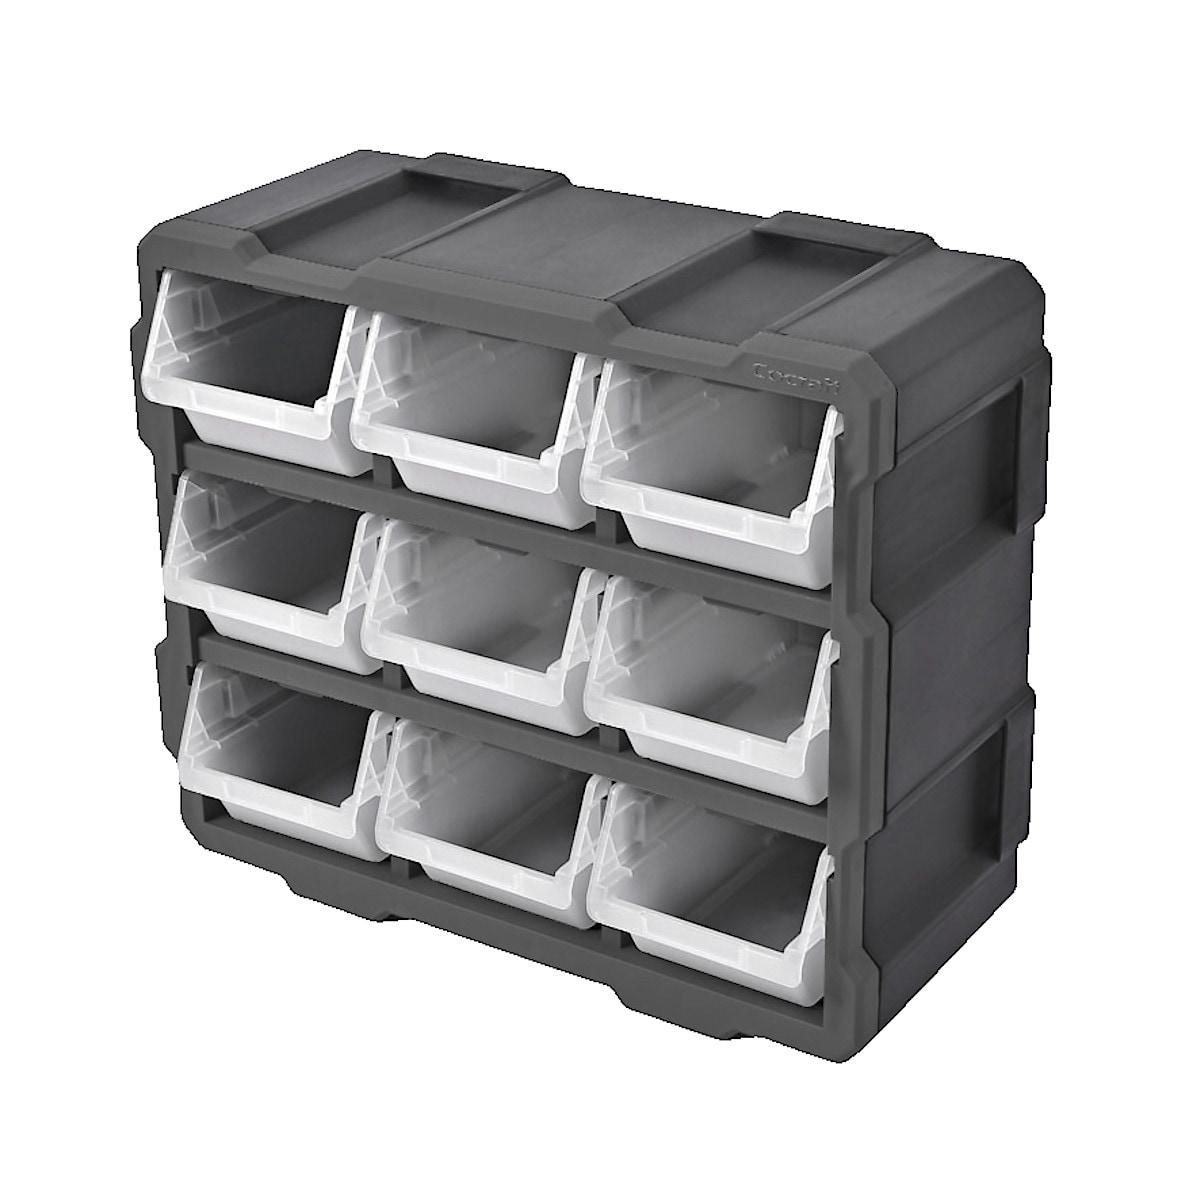 Förvaringslåda med plockbackar Cocraft FSS 9-pack